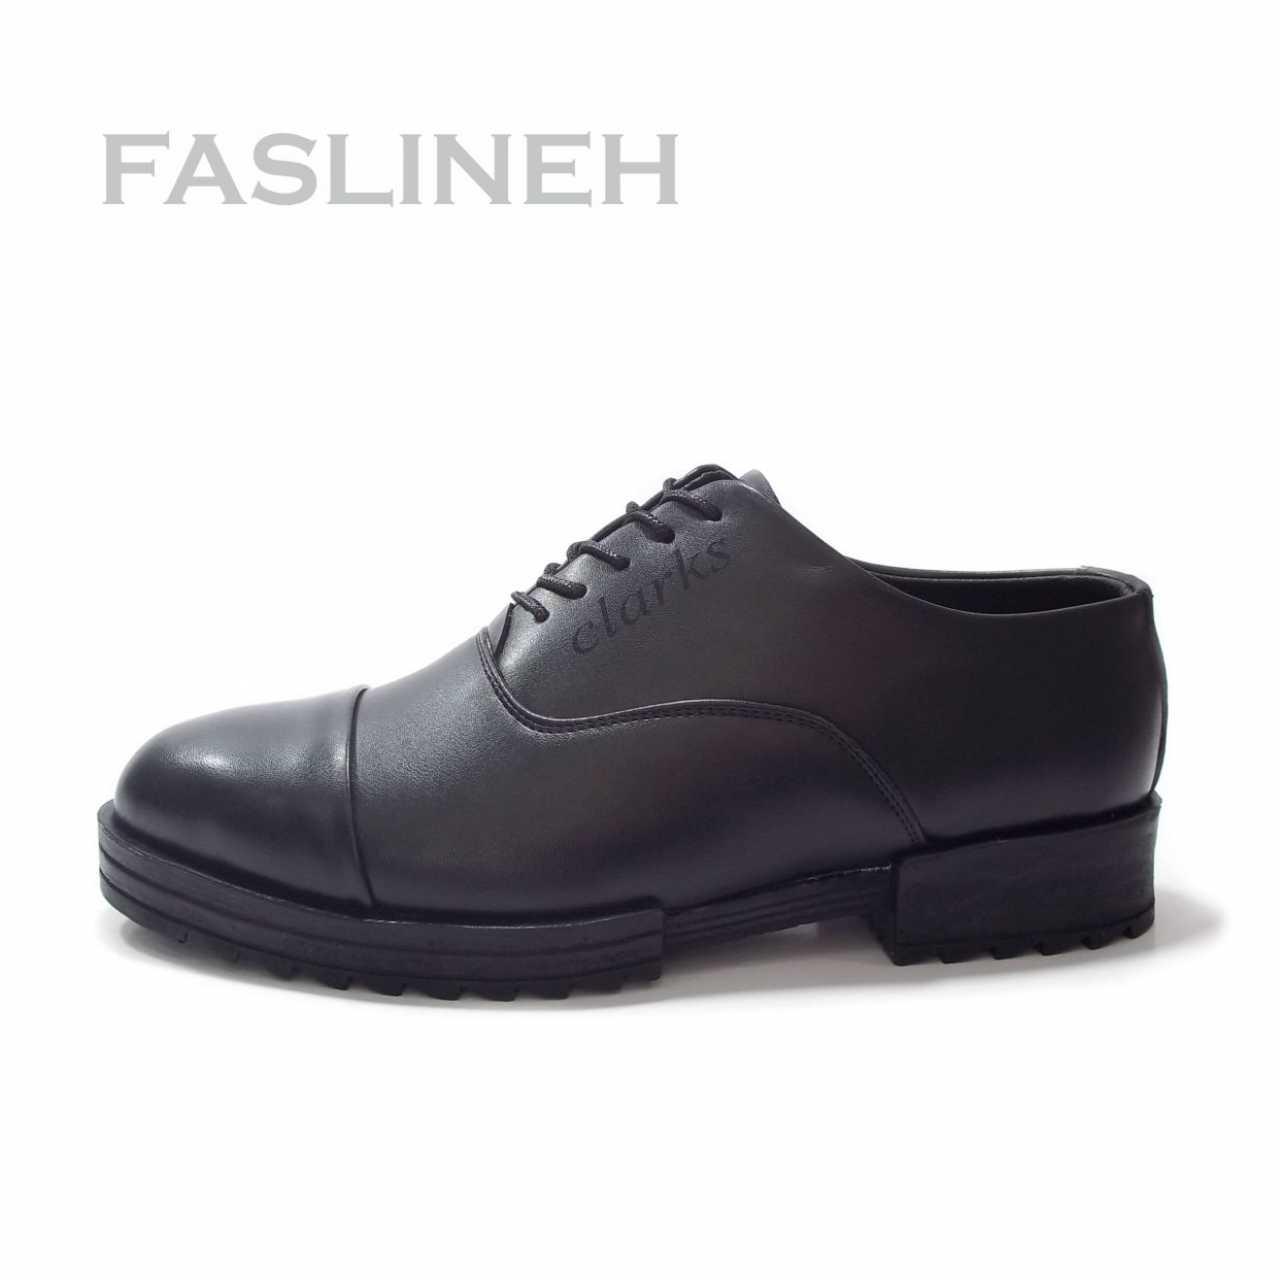 کفش اسپرت مشکی طرح کلارک مدل CLB 157